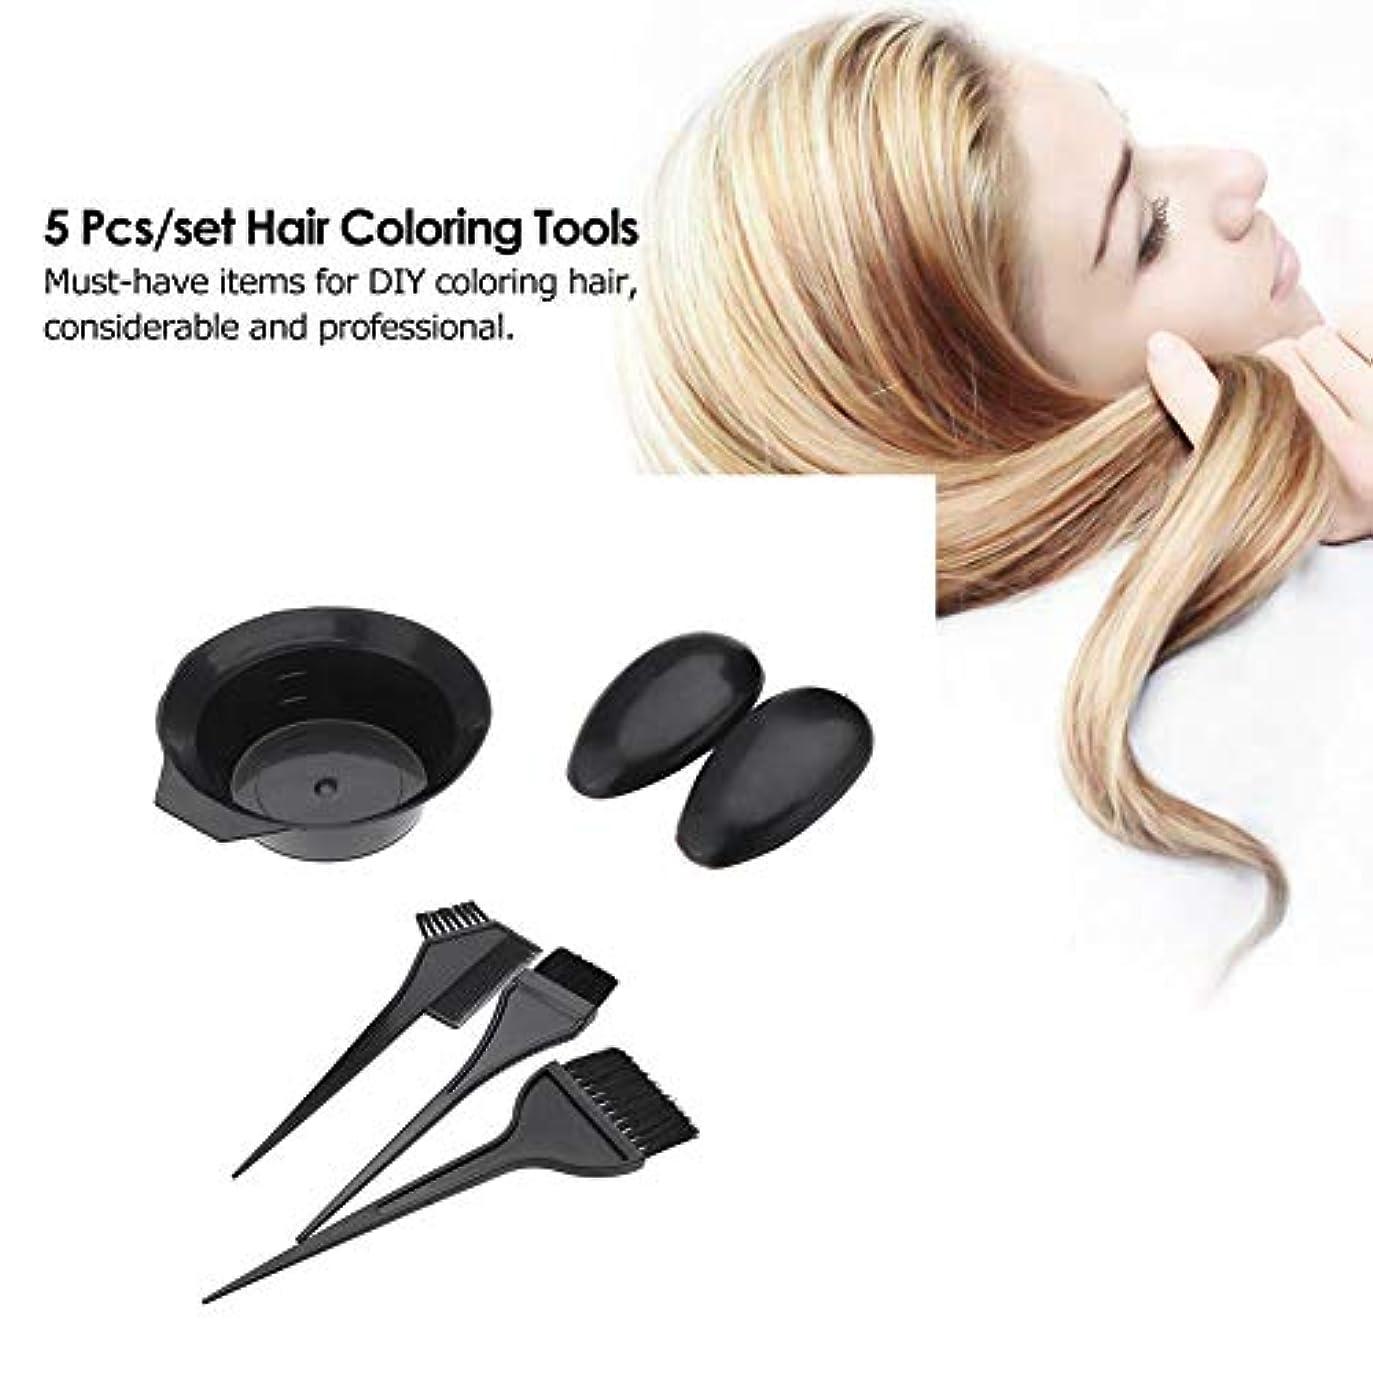 教える囲い恥ずかしさヘア染色セットキット5ピース - diyプロフェッショナルヘアダイカラーミキシングボウルブラシ&くし - 黒理髪美容ツールアプリケーター色合い